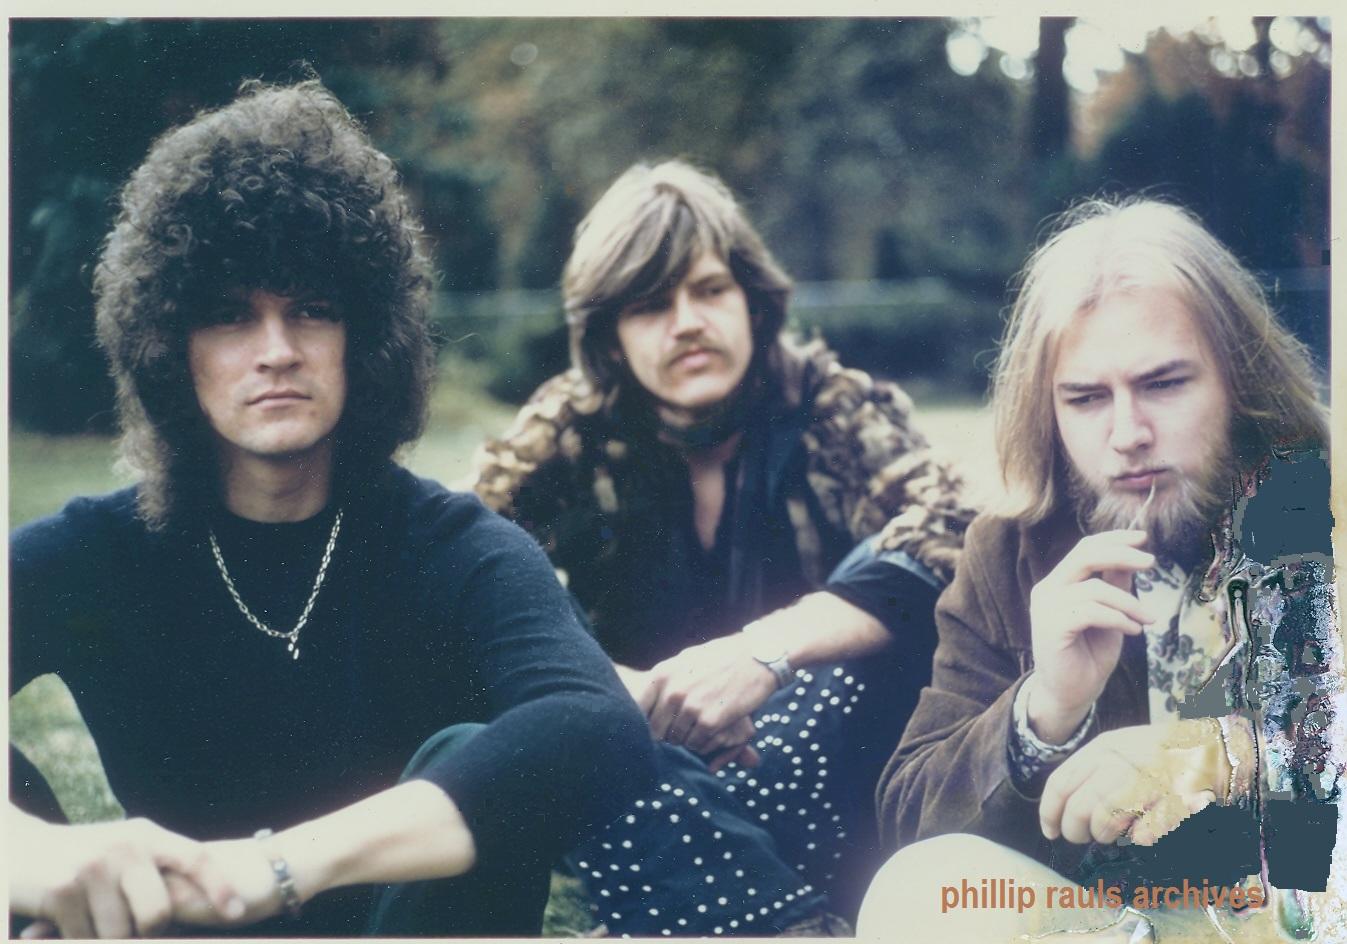 Woodley, Raspberry y Rosebrough fotografía de Philip Rauls